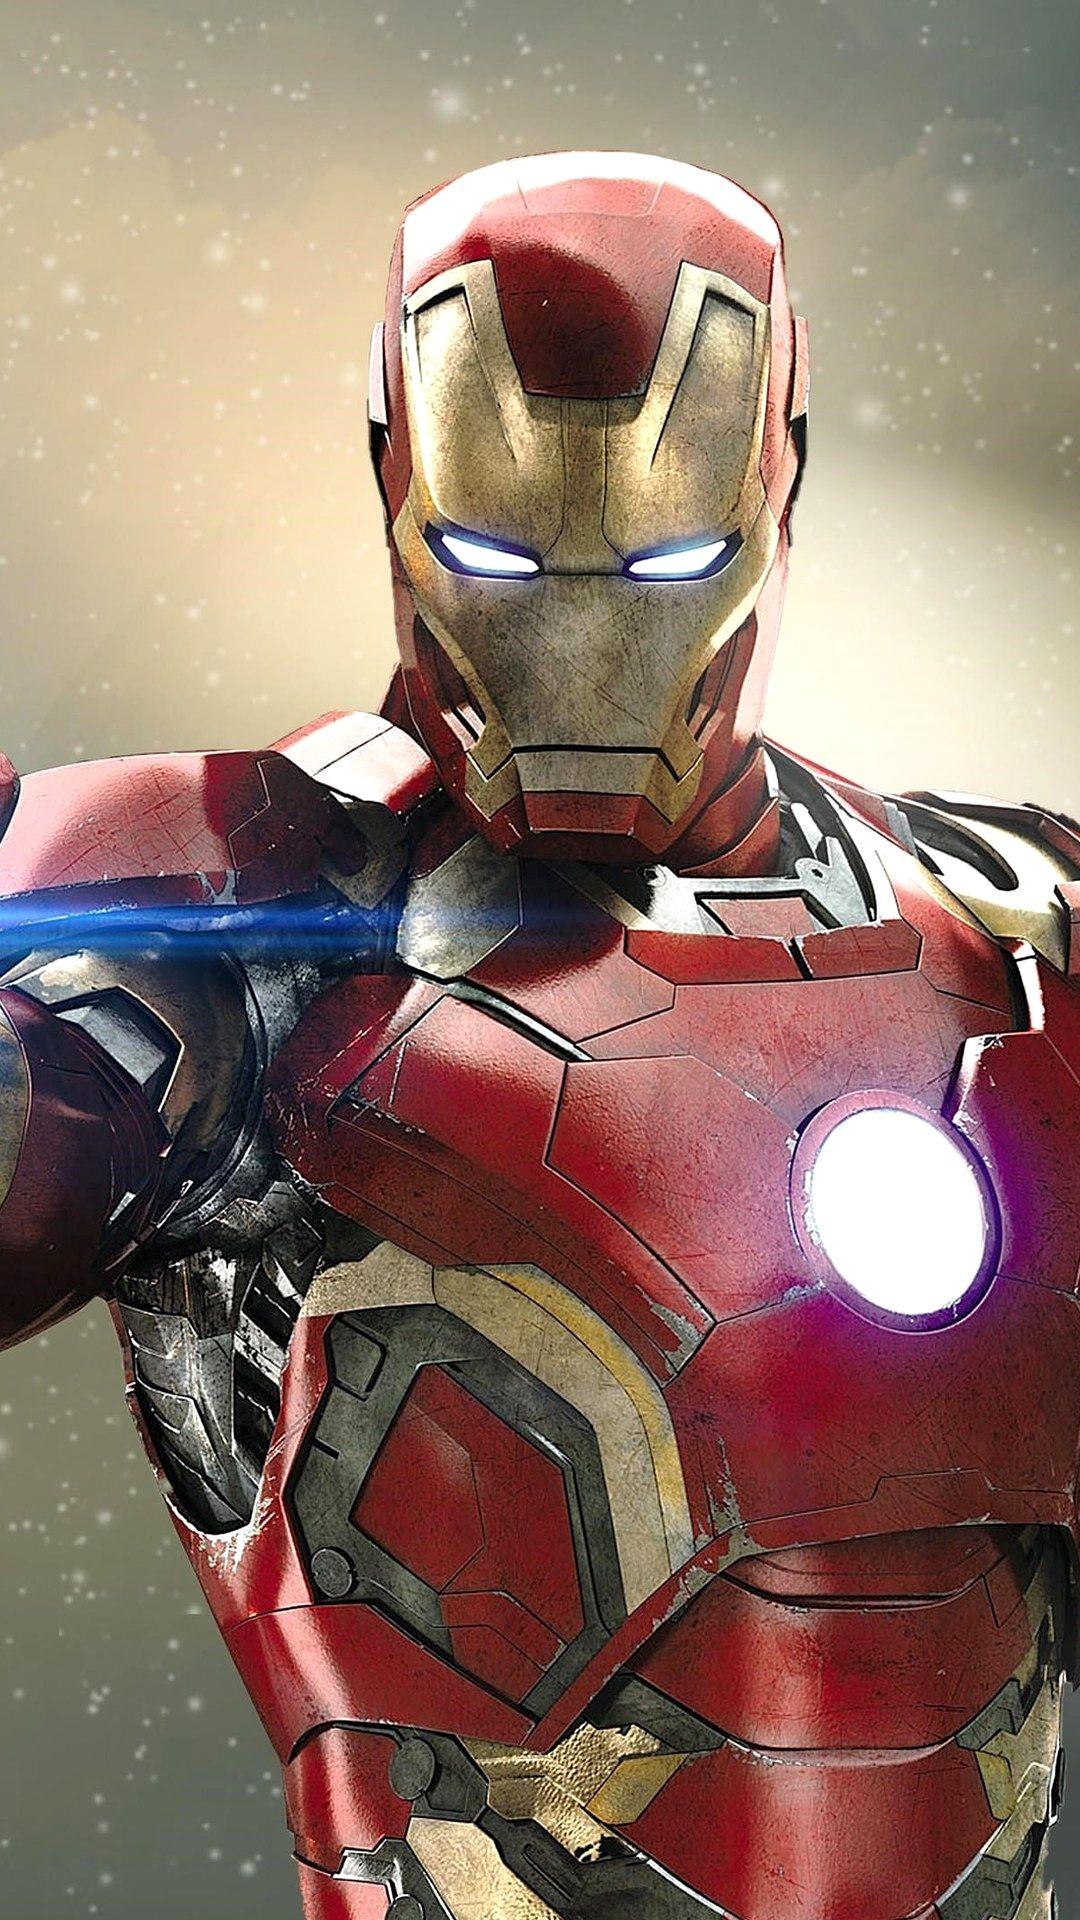 Pin on Marvel superheroes